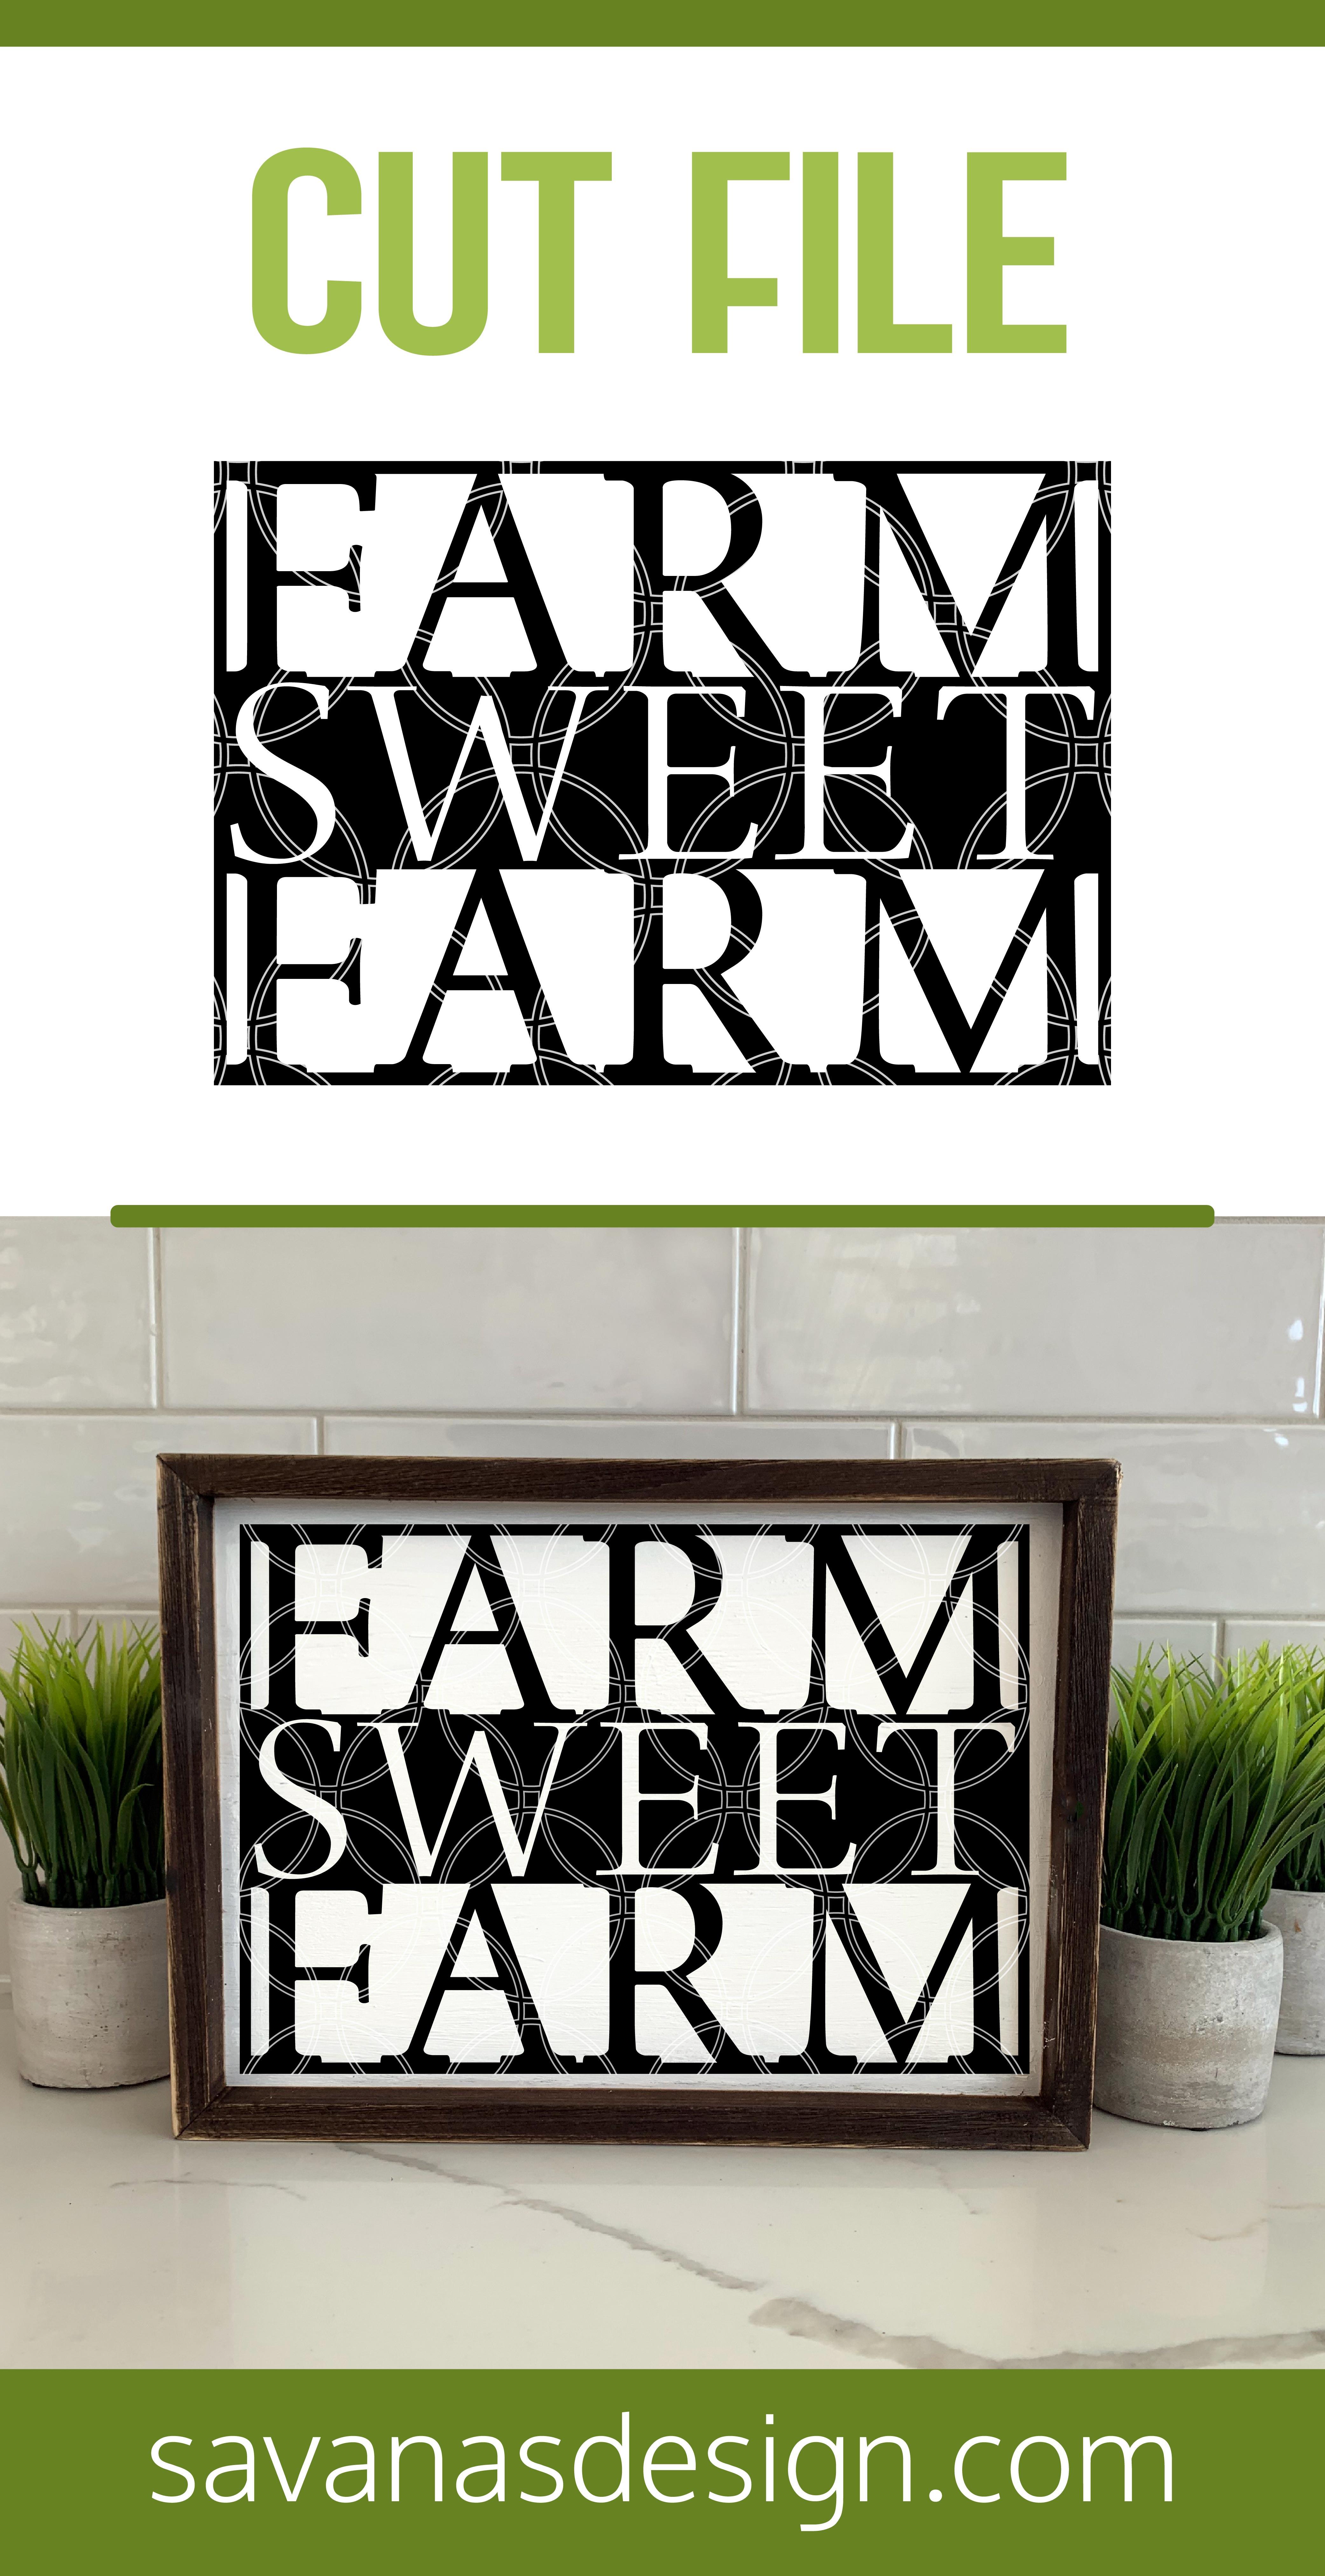 Farm Sweet Farm SVG Pinterest